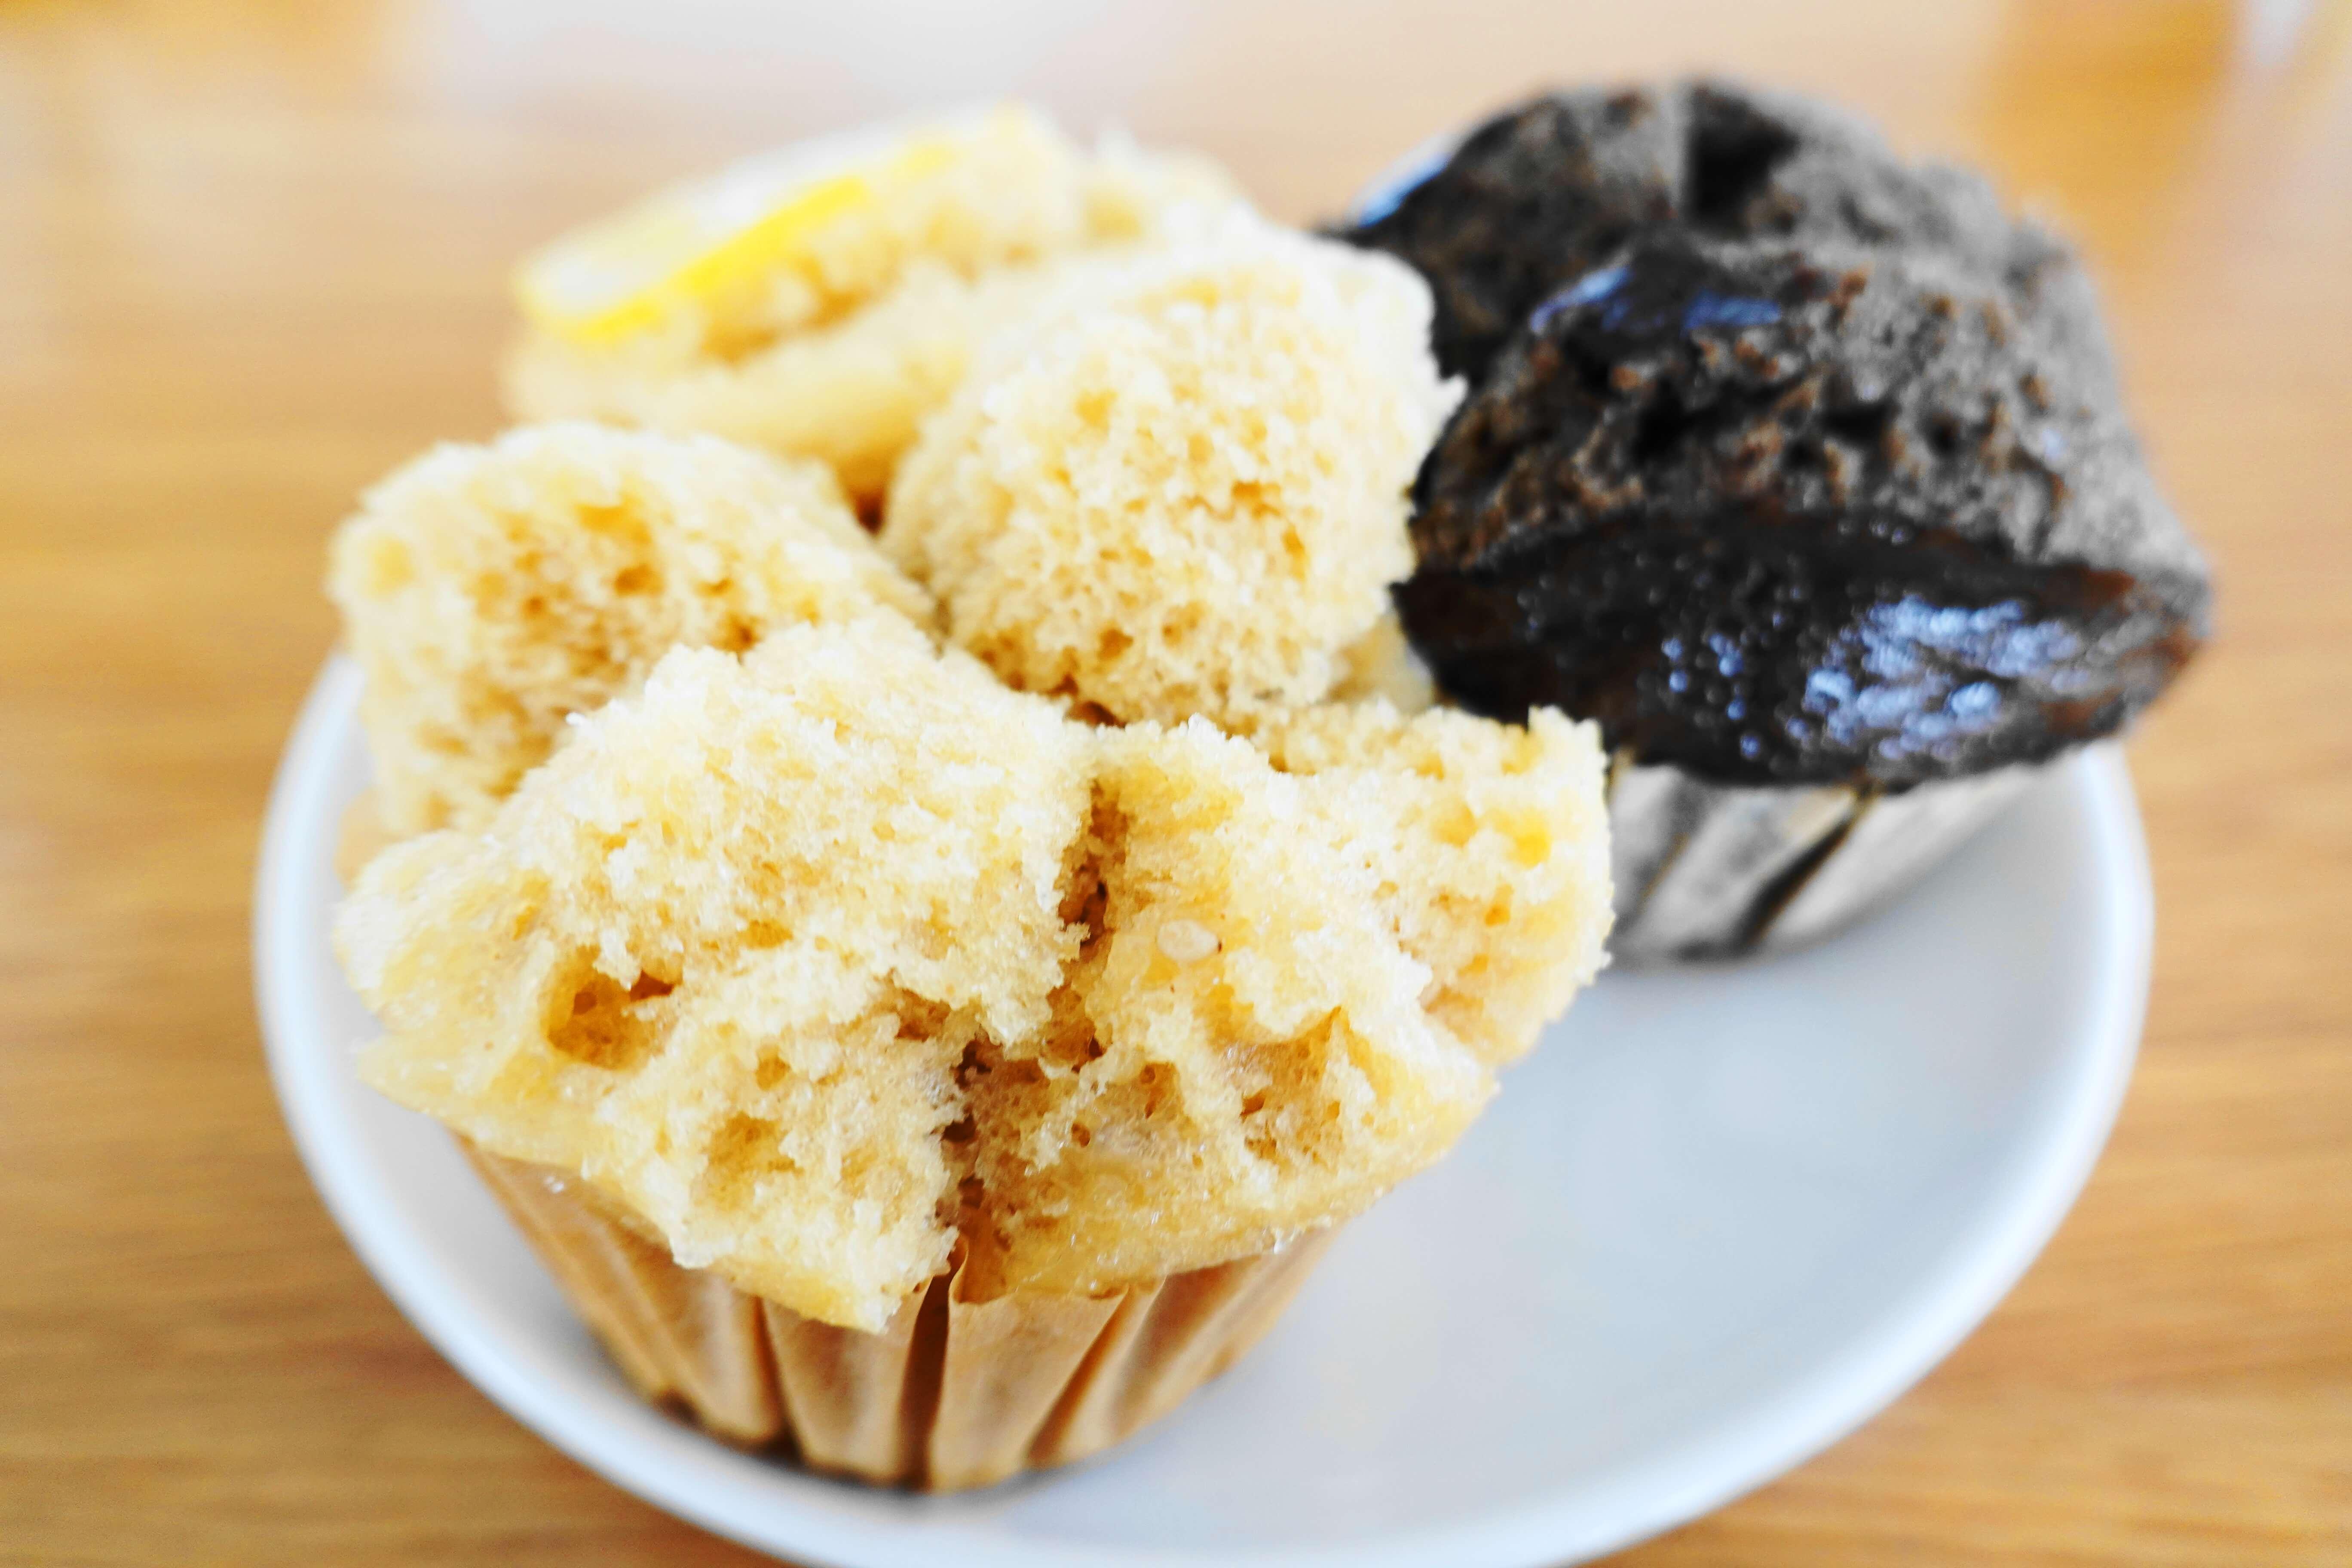 あさひ屋ベーカリー|白山市鶴来にあるモチモチ食感の蒸しパンがおすすめのパン屋さん